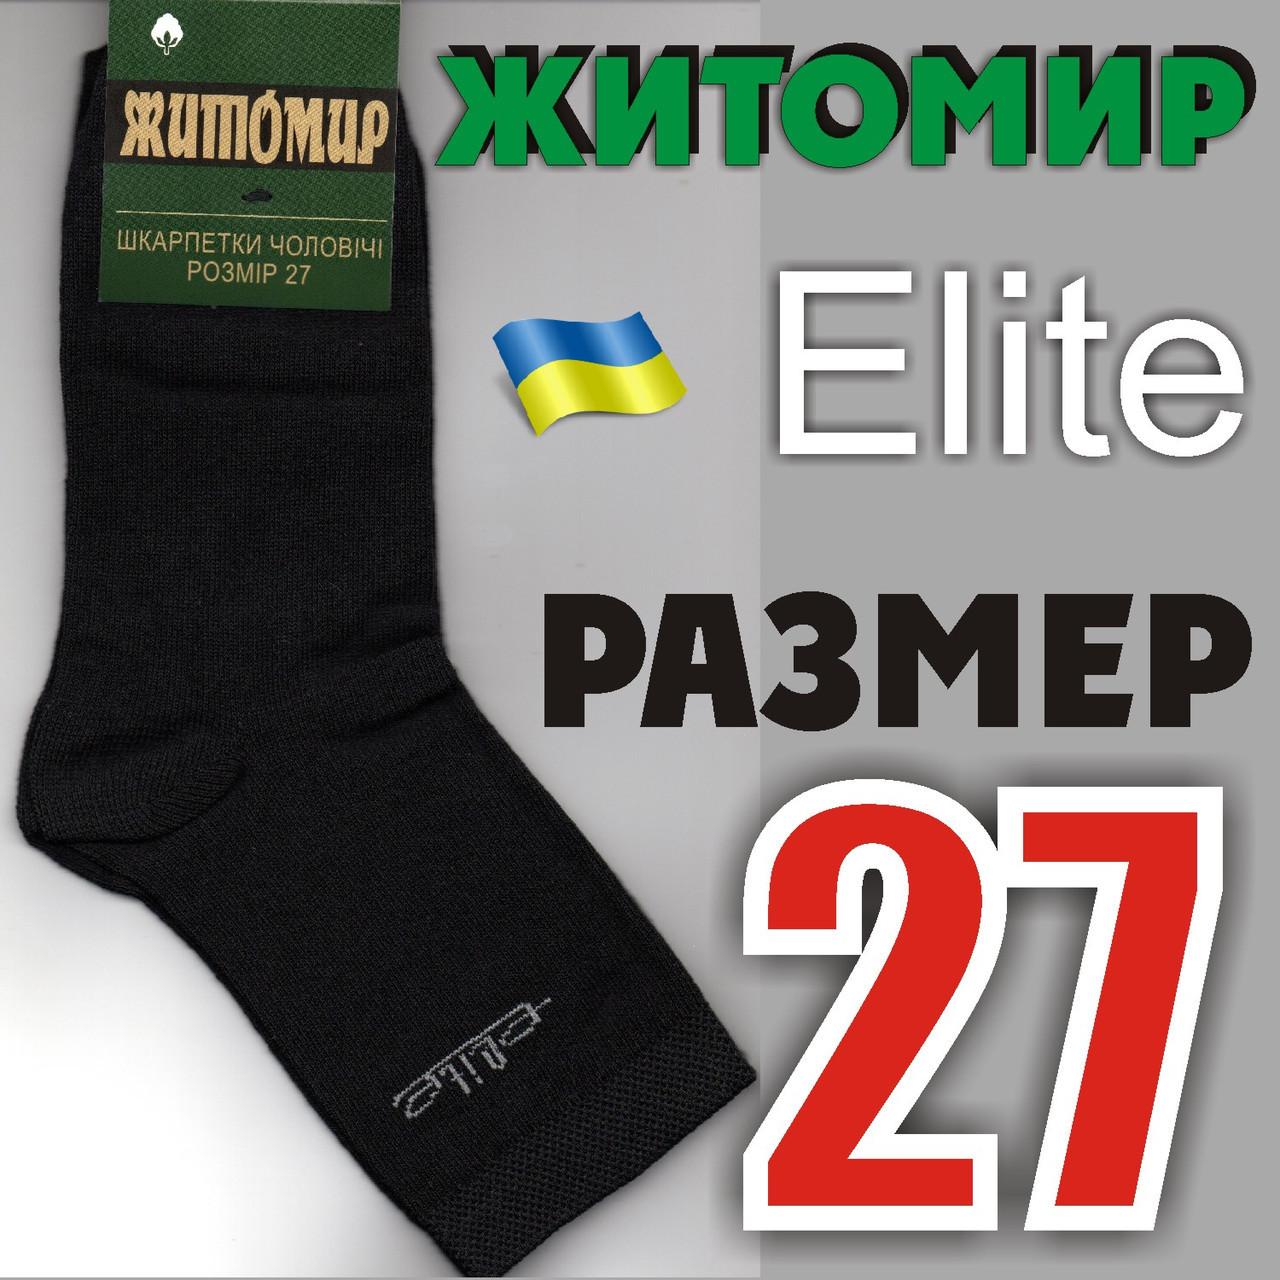 26812916bf4f Мужские демисезонные носки Житомир Elite Украина 27р.чёрные НМД-05421